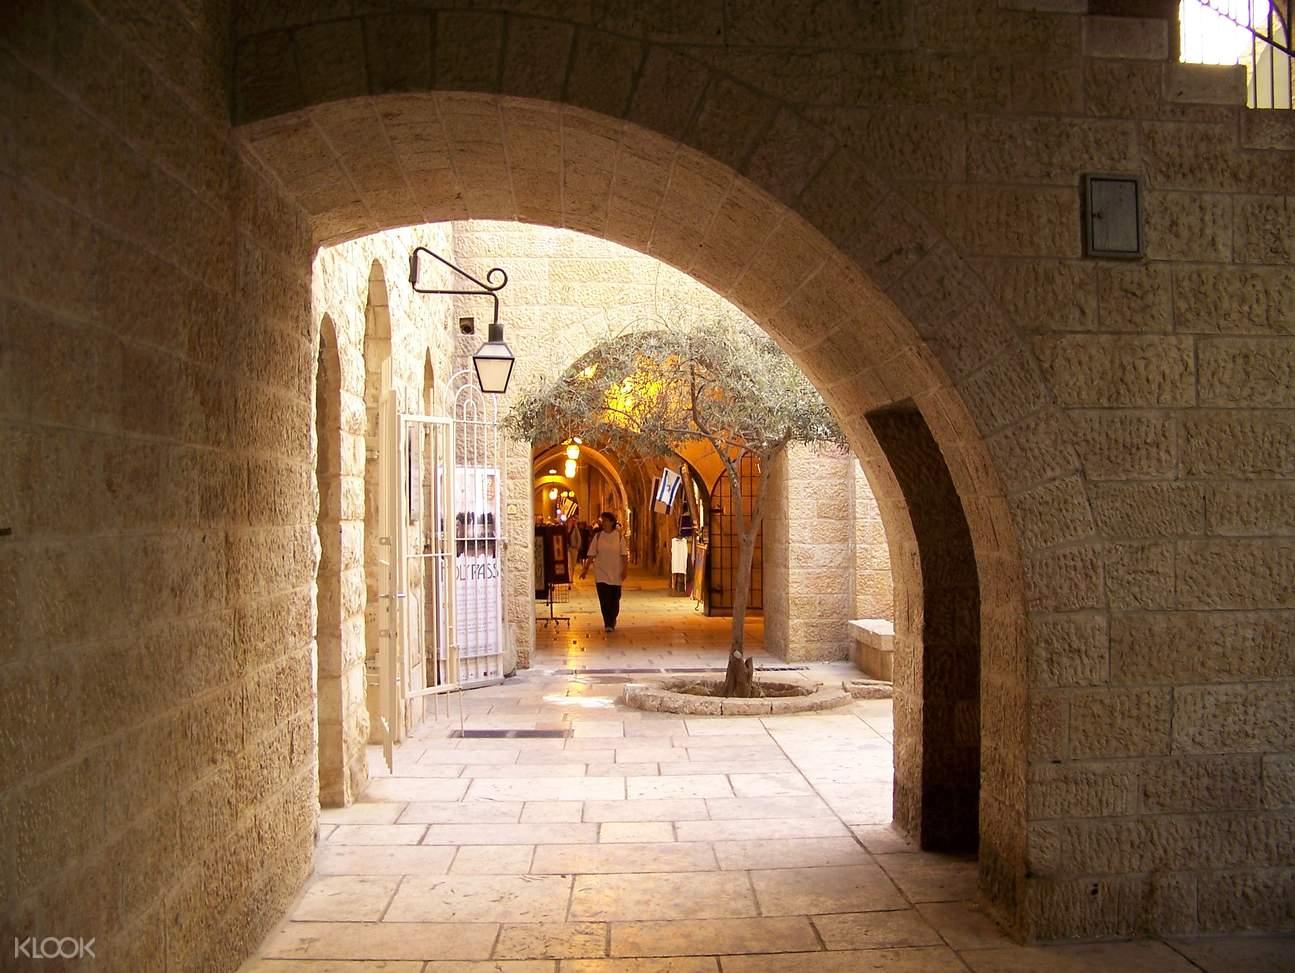 耶路撒冷一日遊,耶路撒冷團隊遊,耶路撒冷旅行,耶路撒冷旅遊